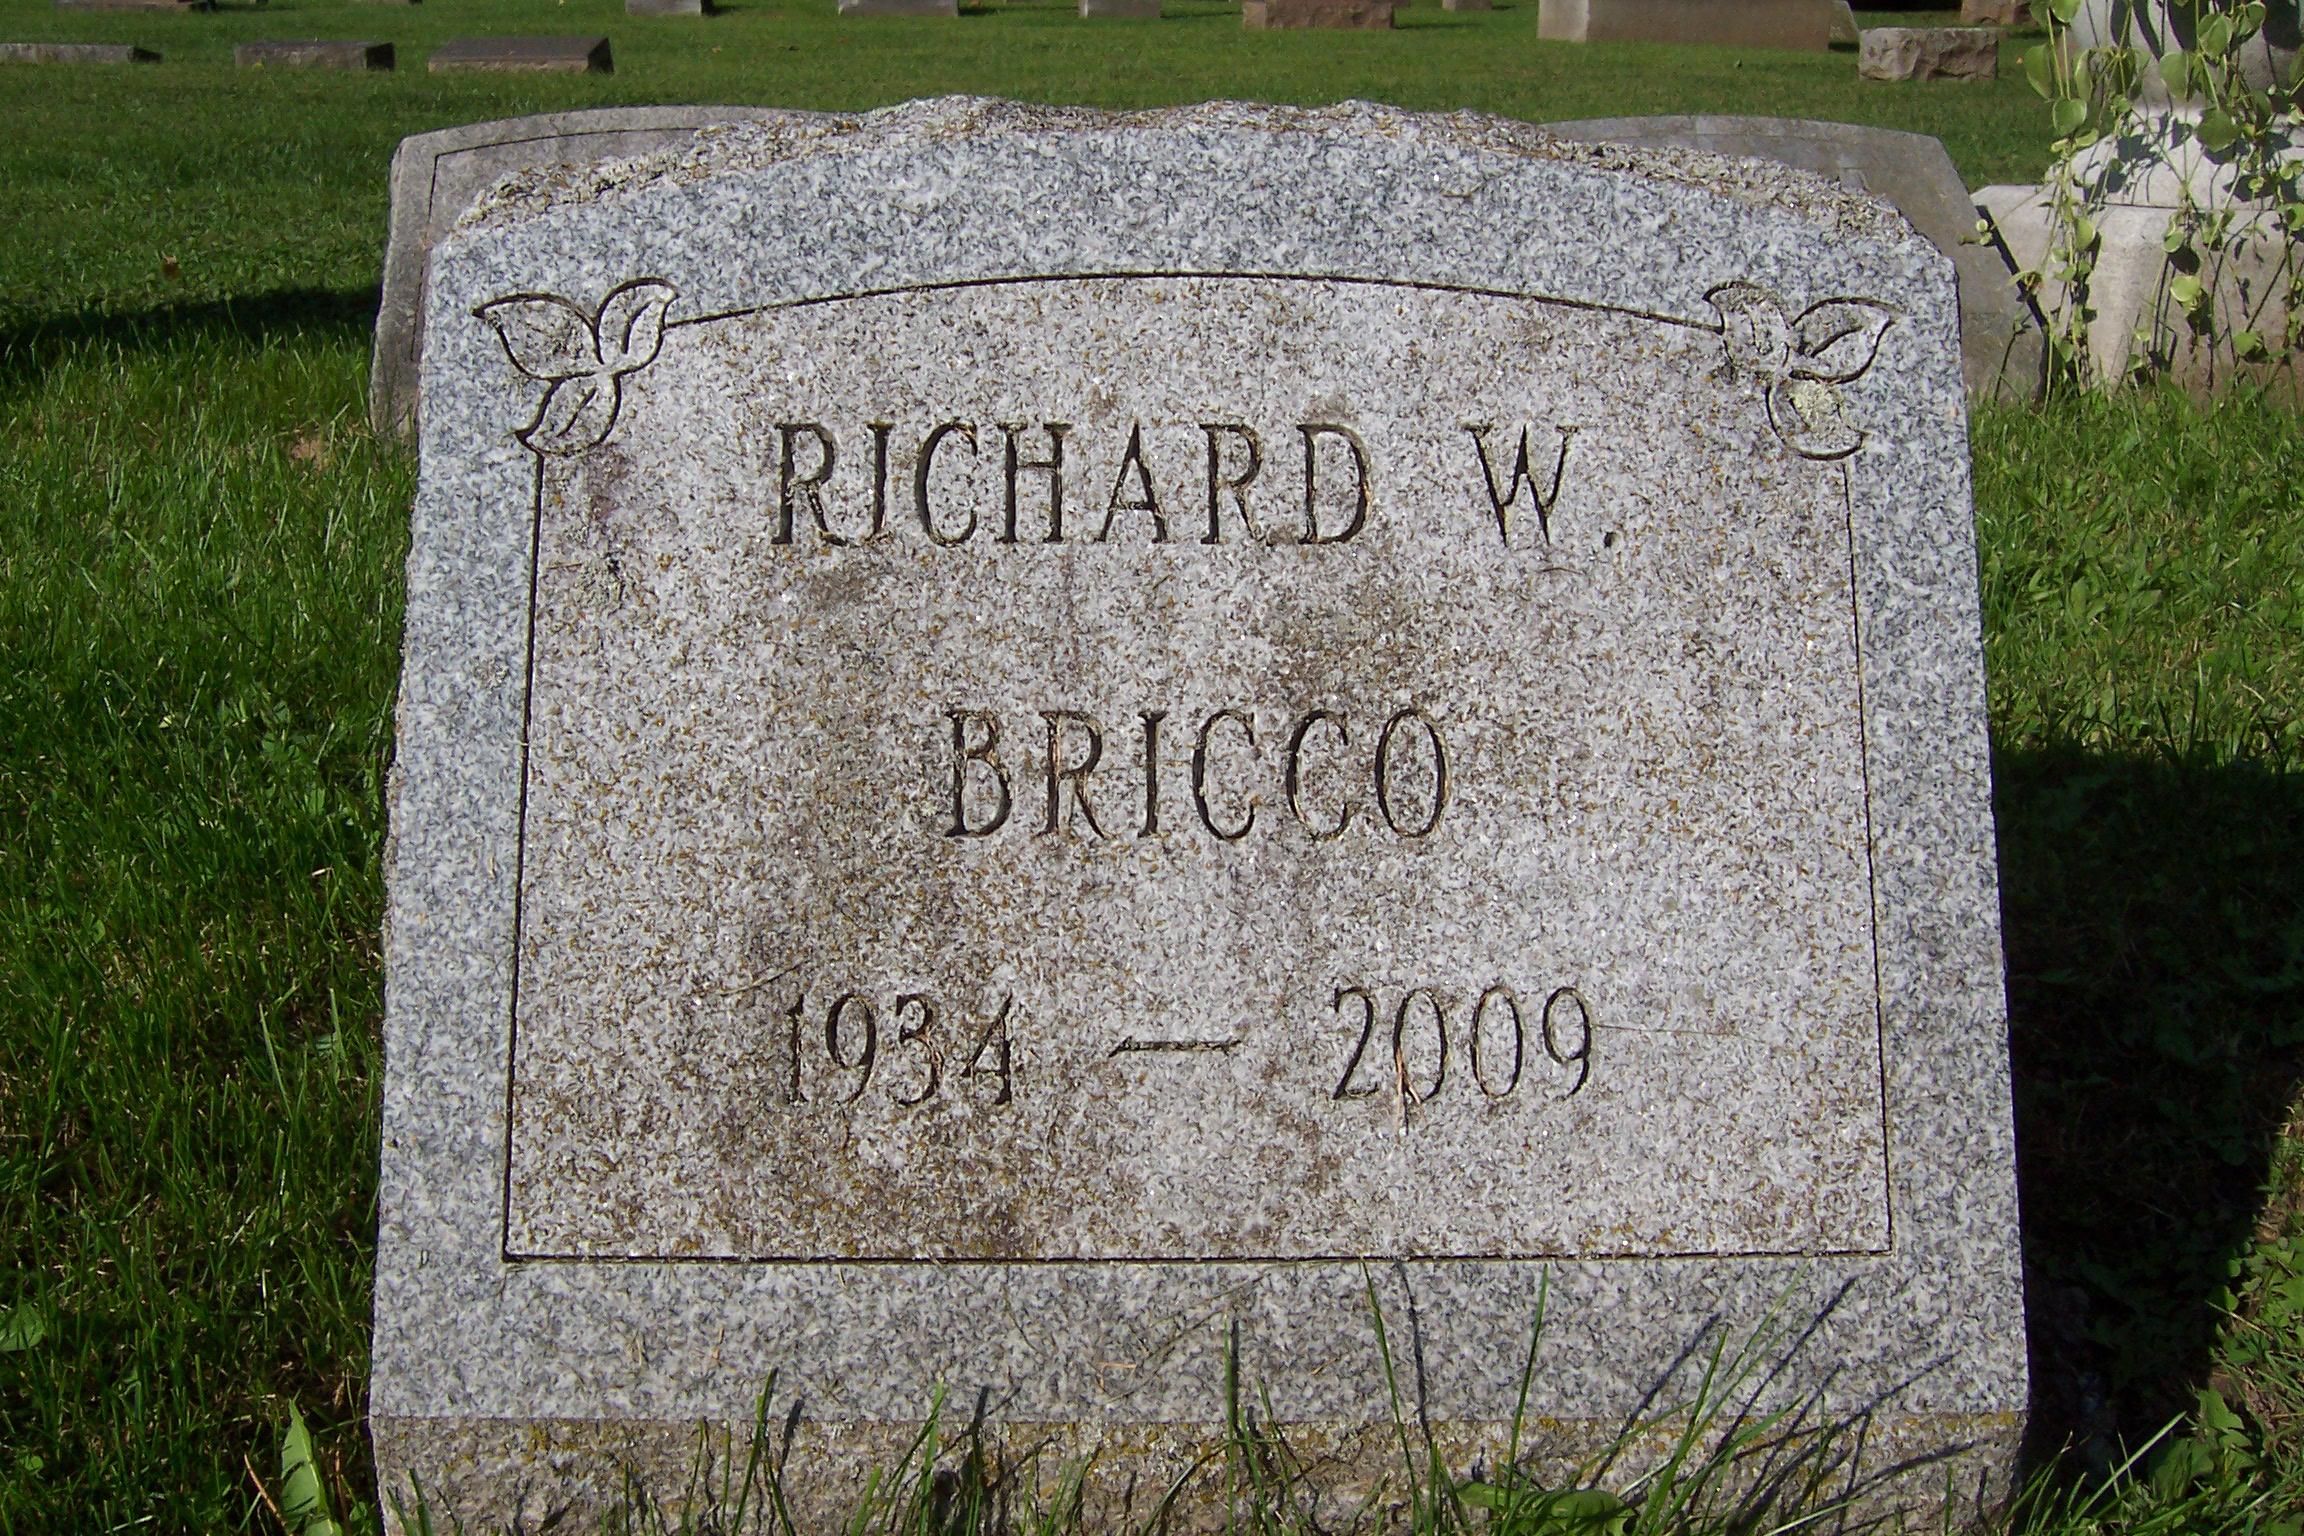 Richard W. Bricco